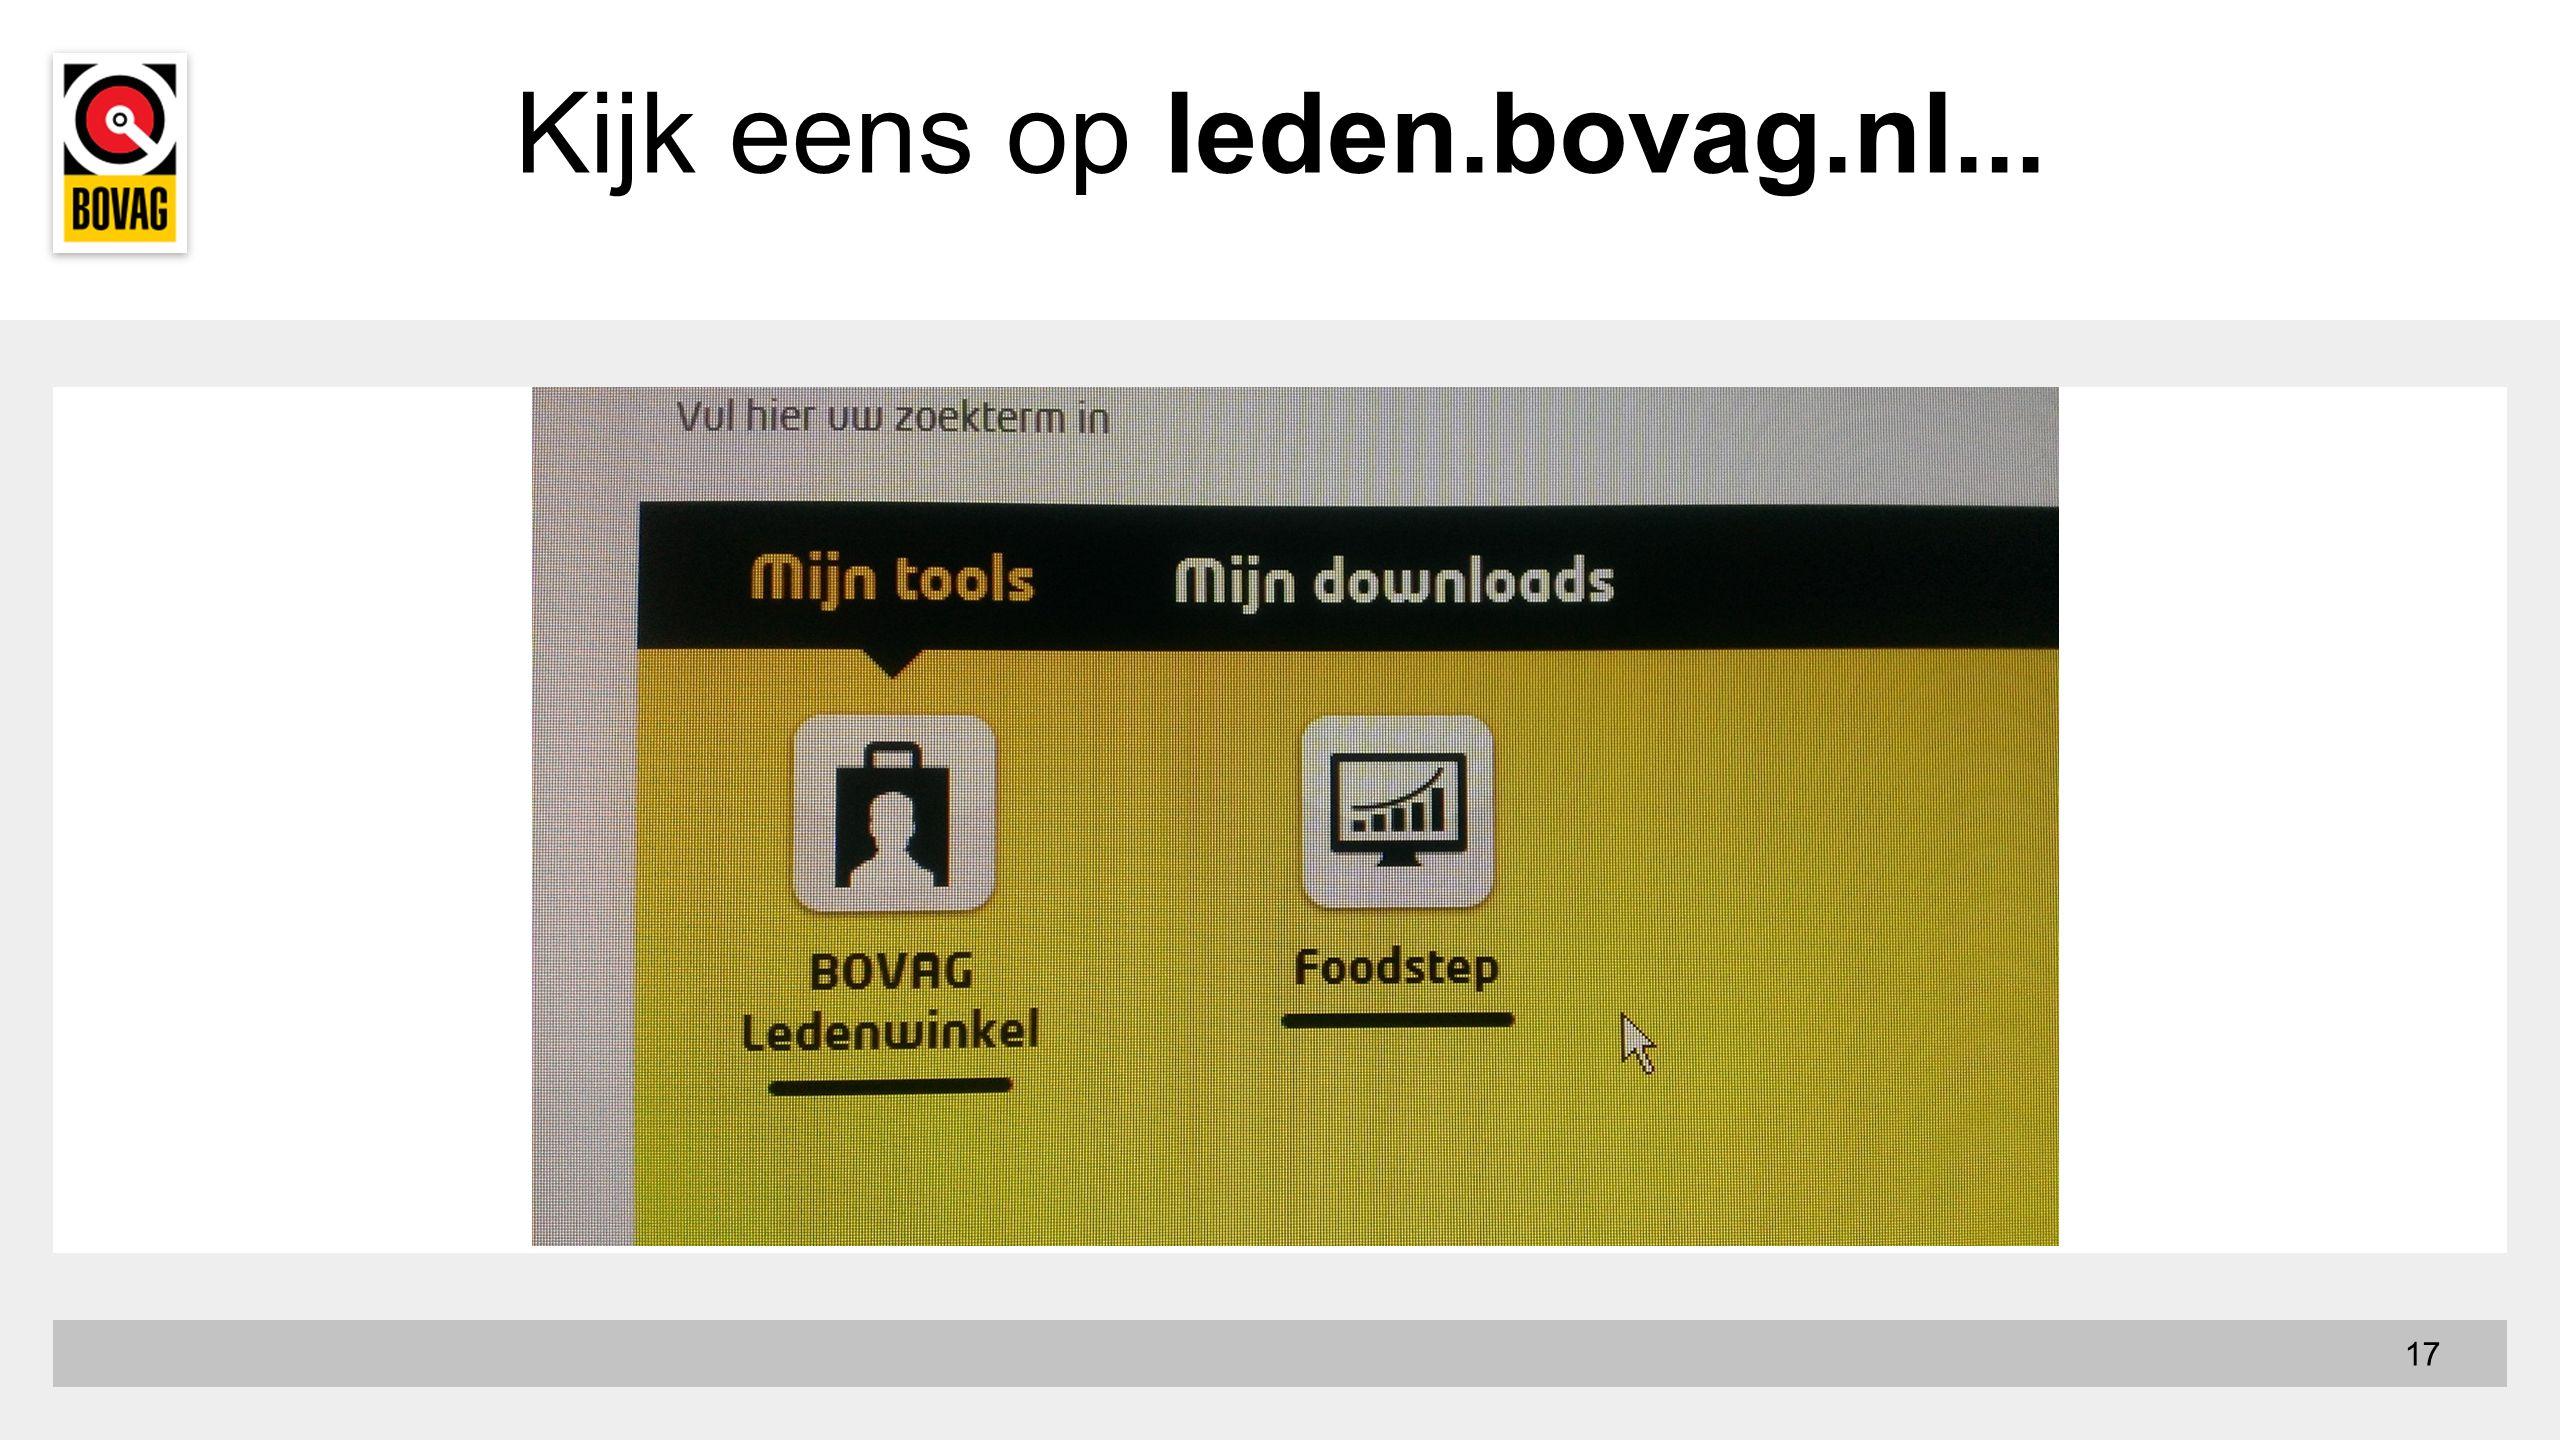 Kijk eens op leden.bovag.nl... 17